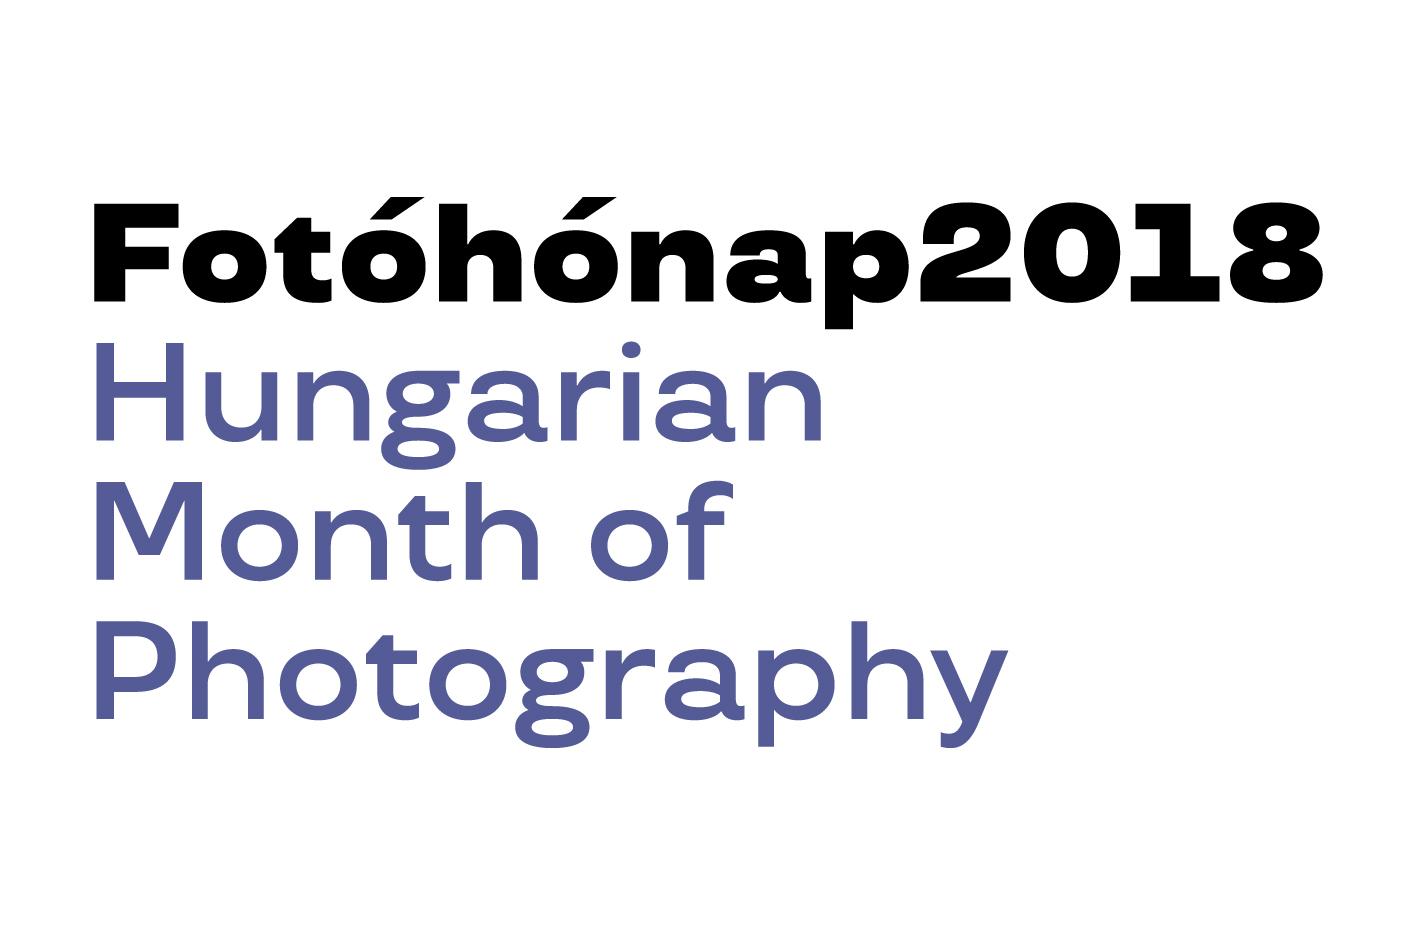 Fotohonap2018_logo_RGB_2